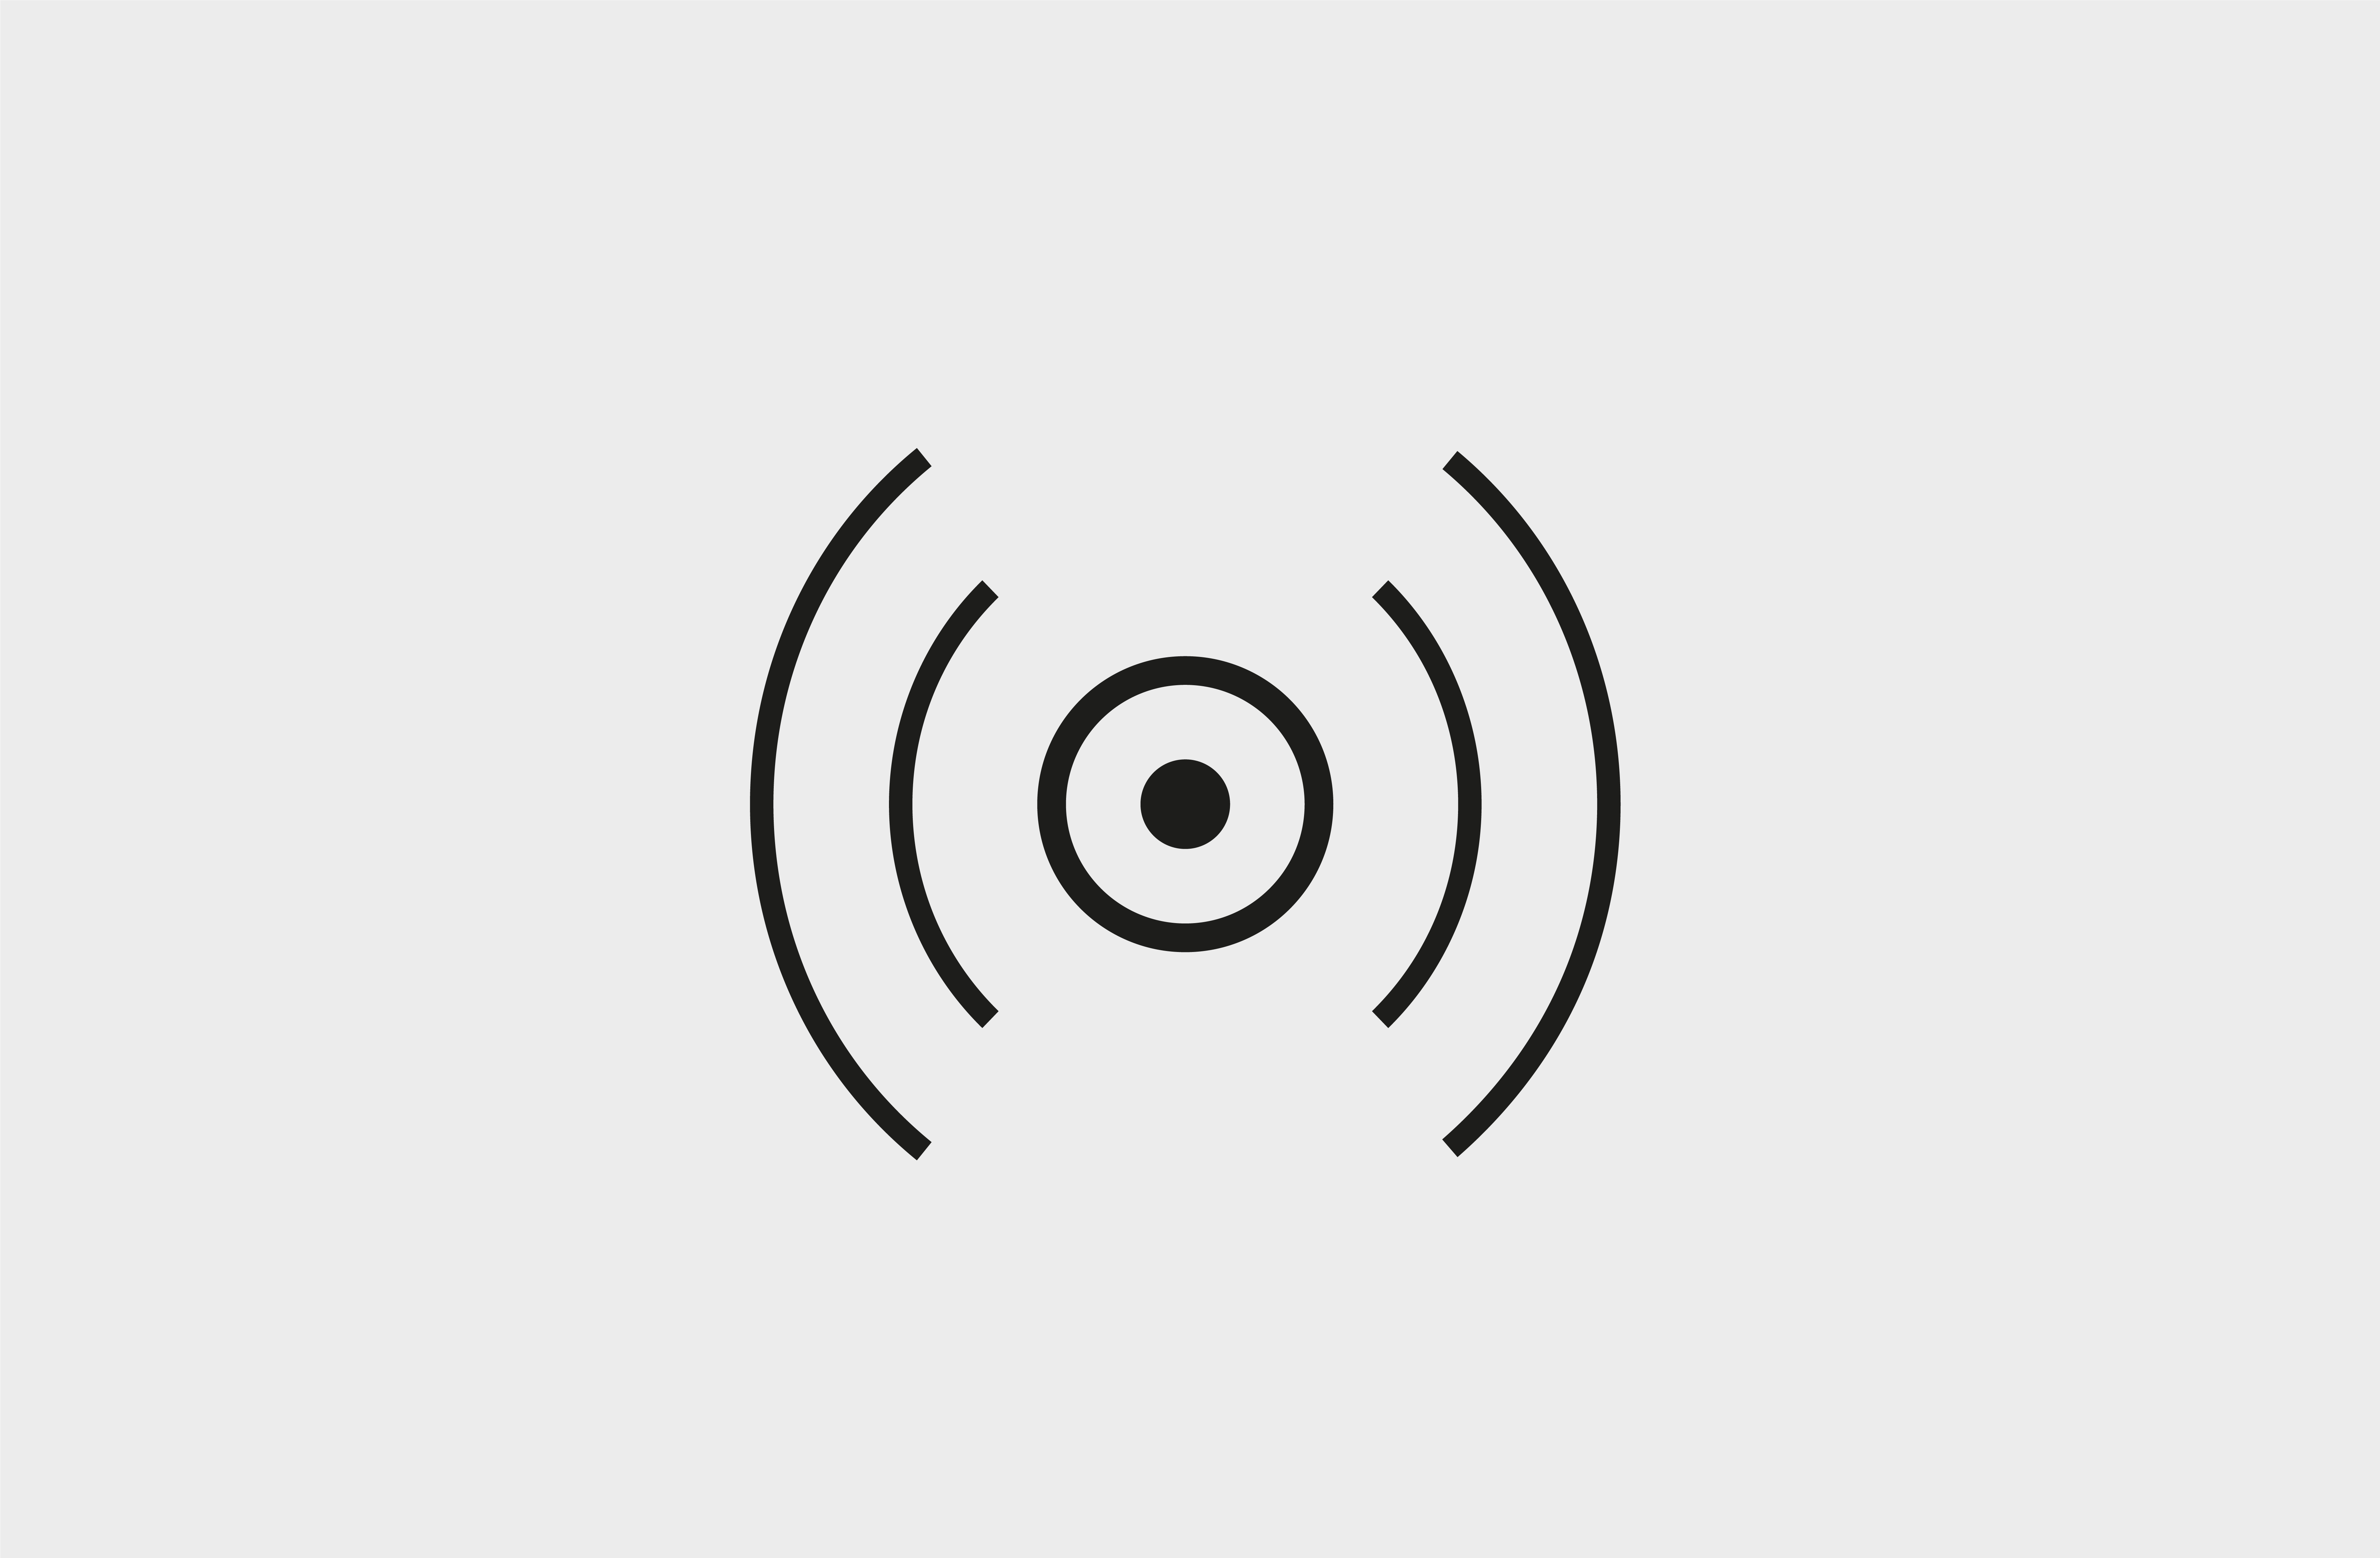 Iot hub ikon